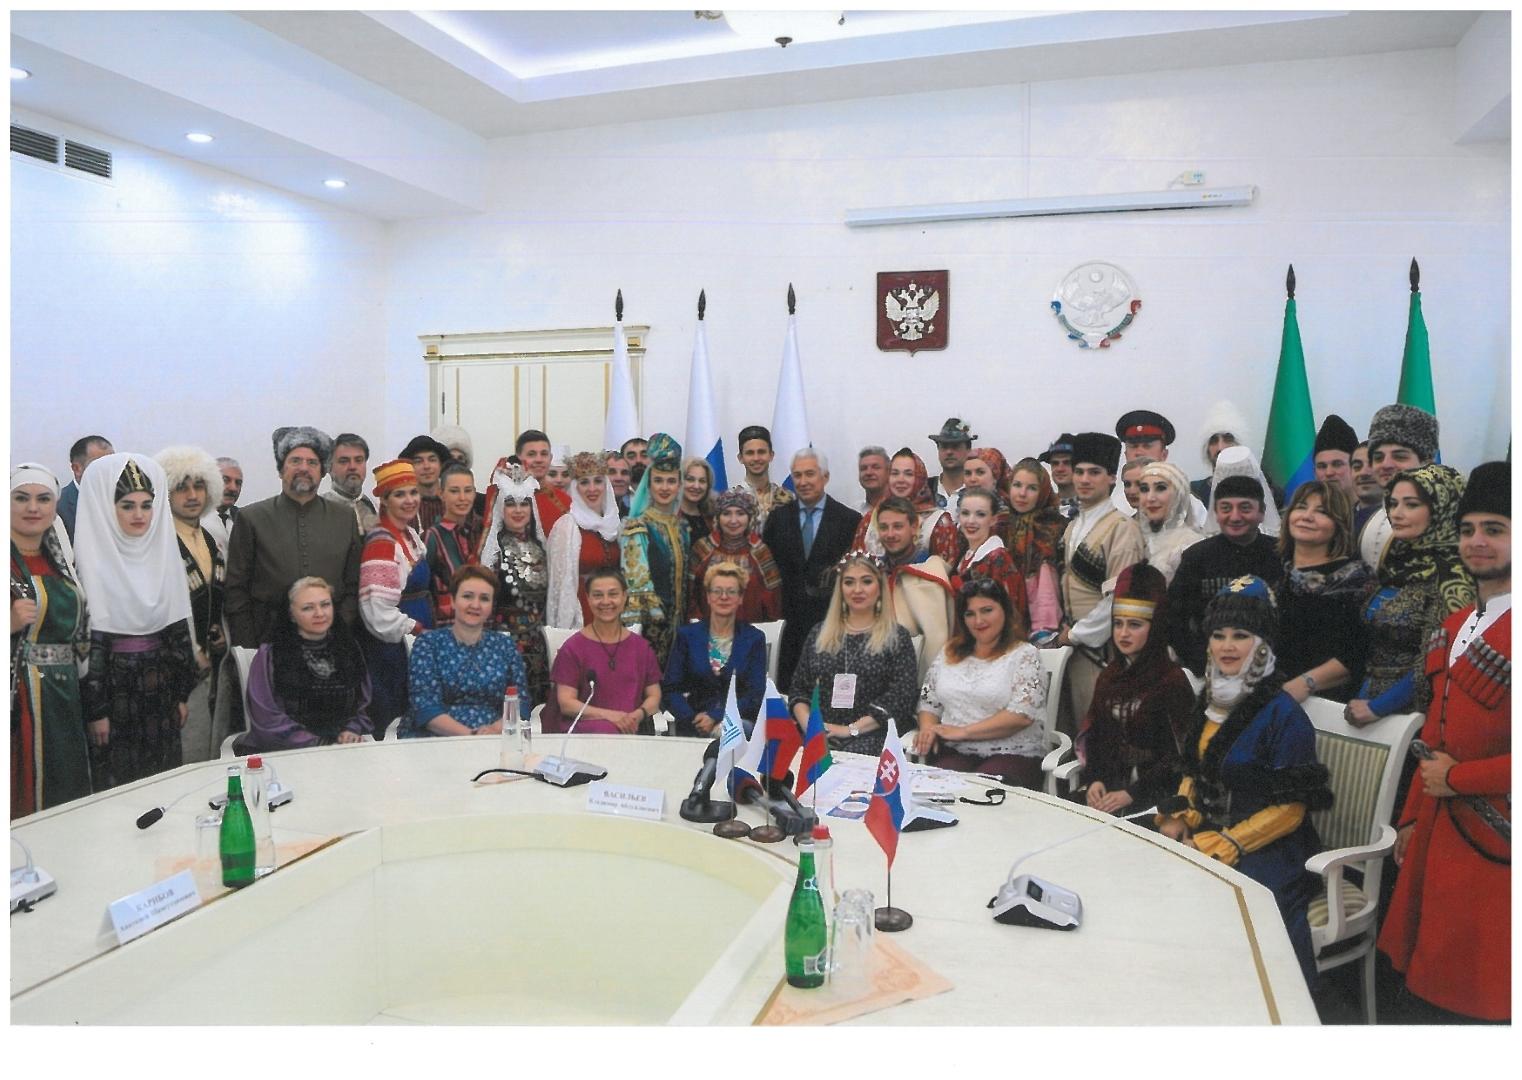 Spotkanie z Prezydentem Dagestanu Vladimirem Vasilyevem